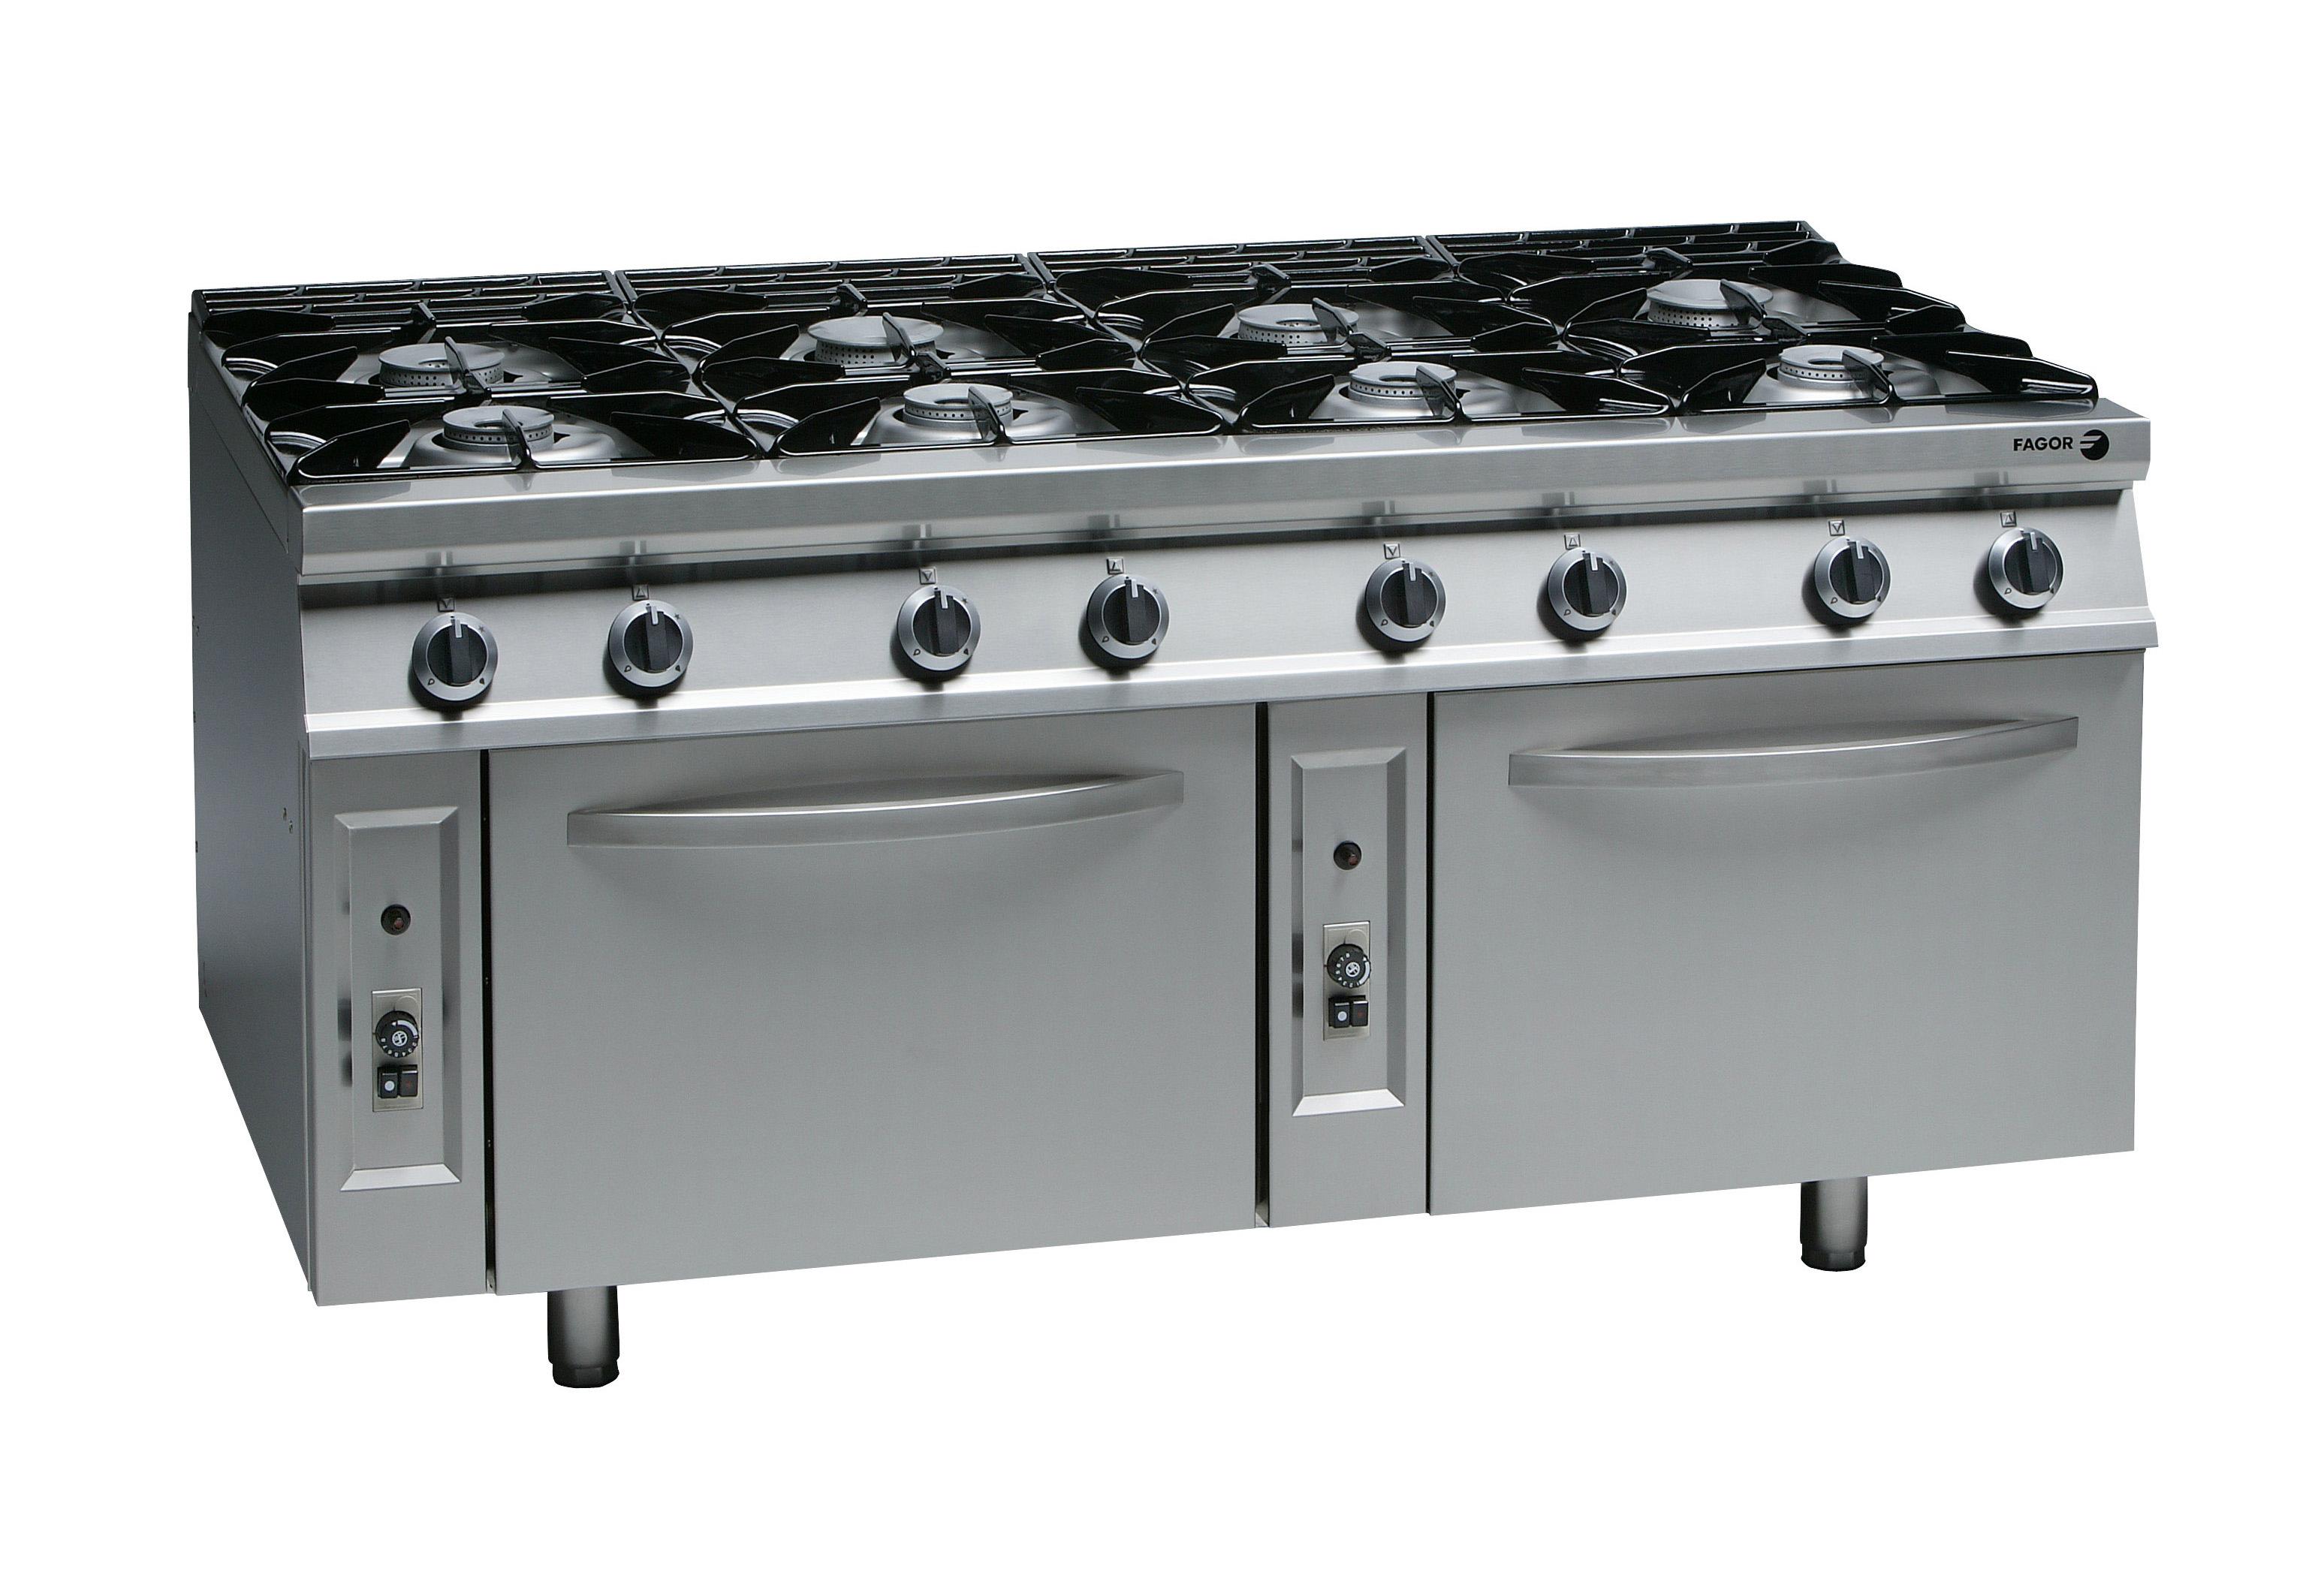 Cocina a gas fuego abierto con horno cg9 82 fagor for Accesorios para cocina a gas